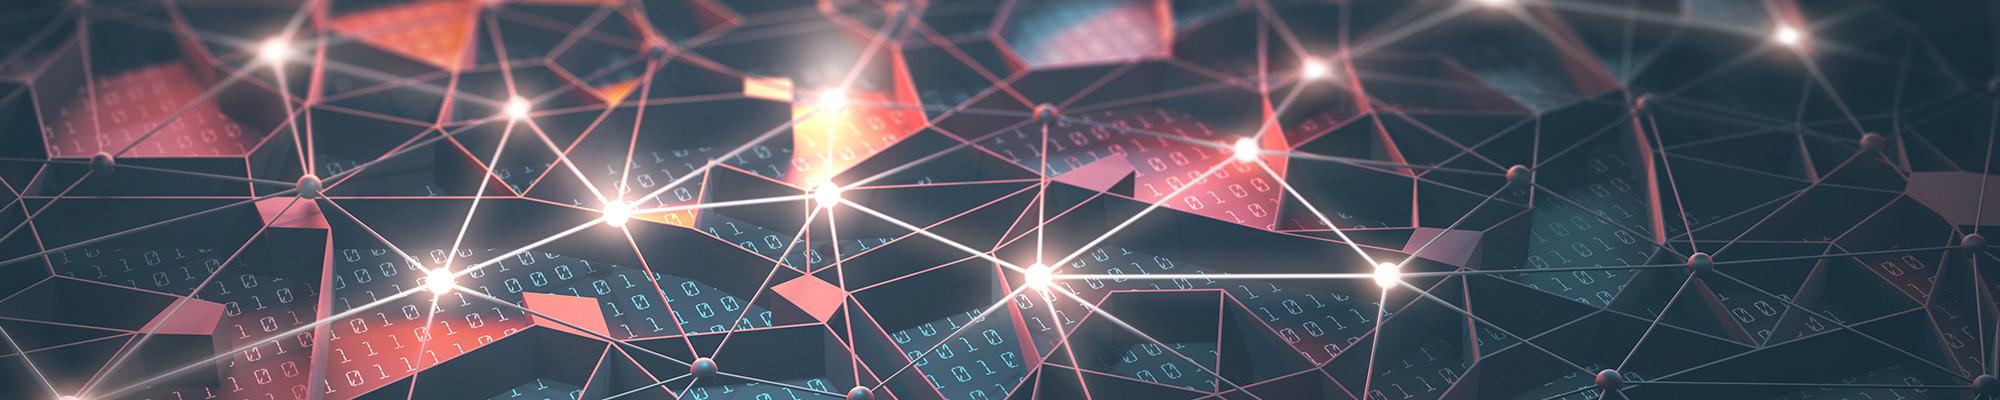 ANU Data Breach Report cover image